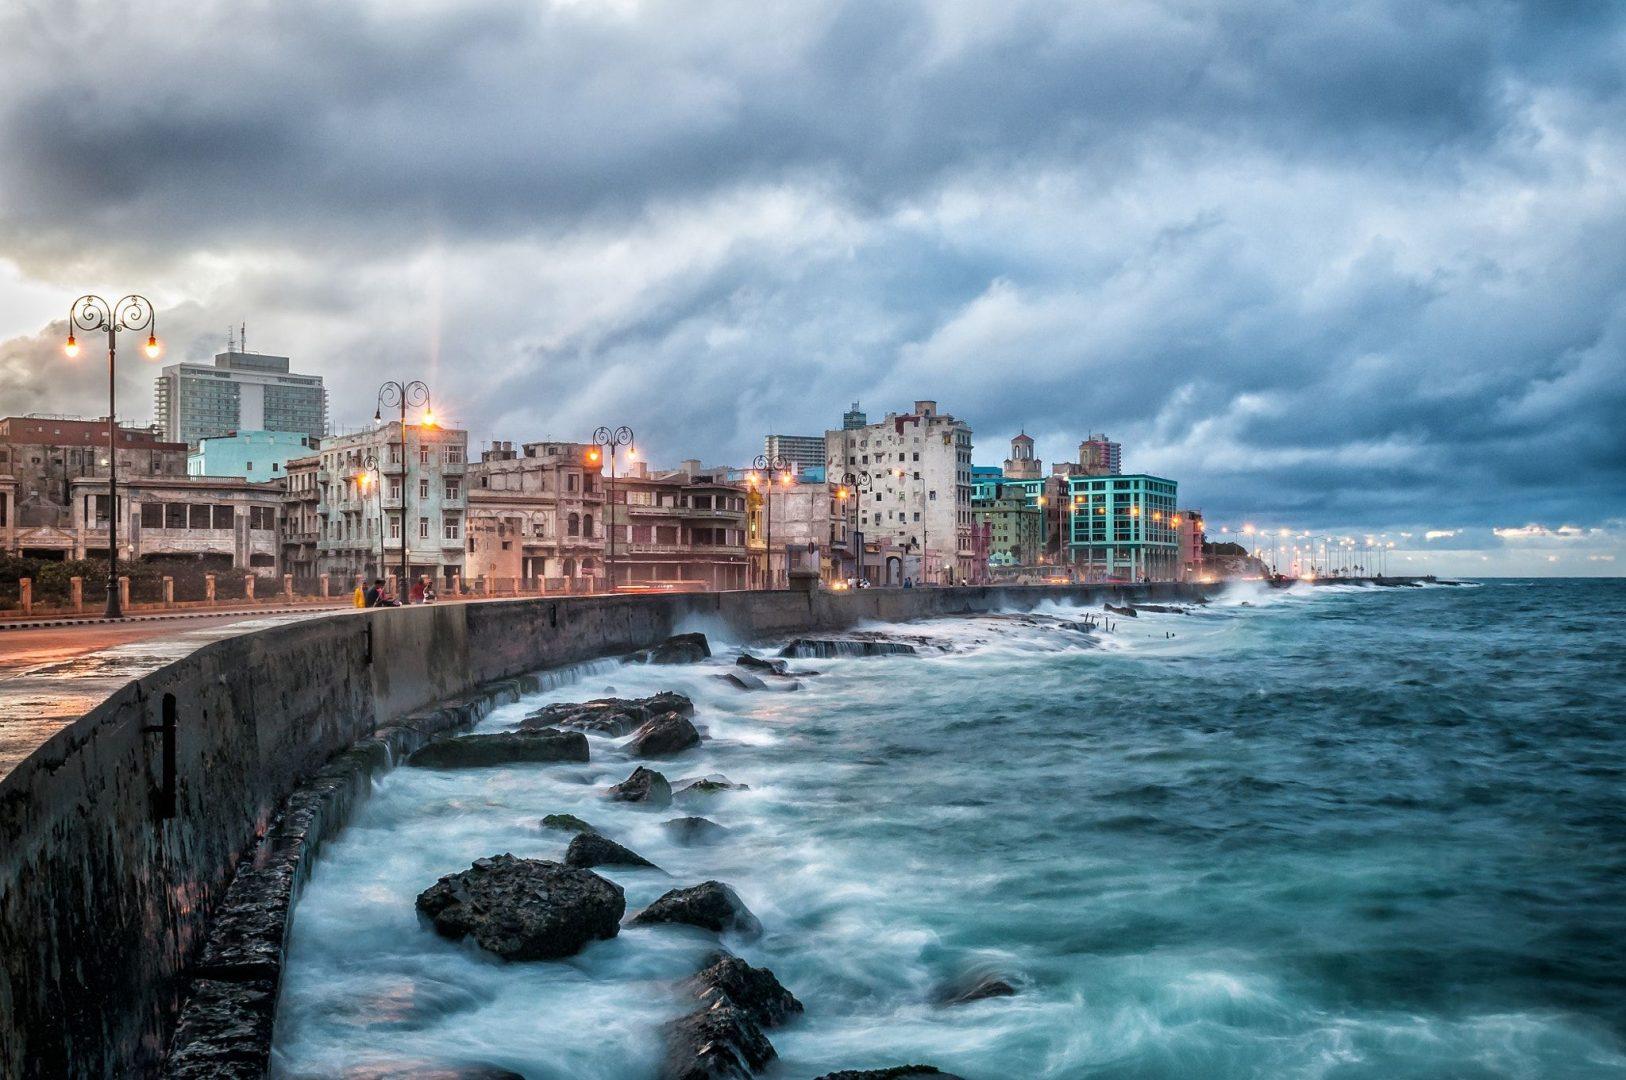 Malecon Esplanade, Havana, Cuba